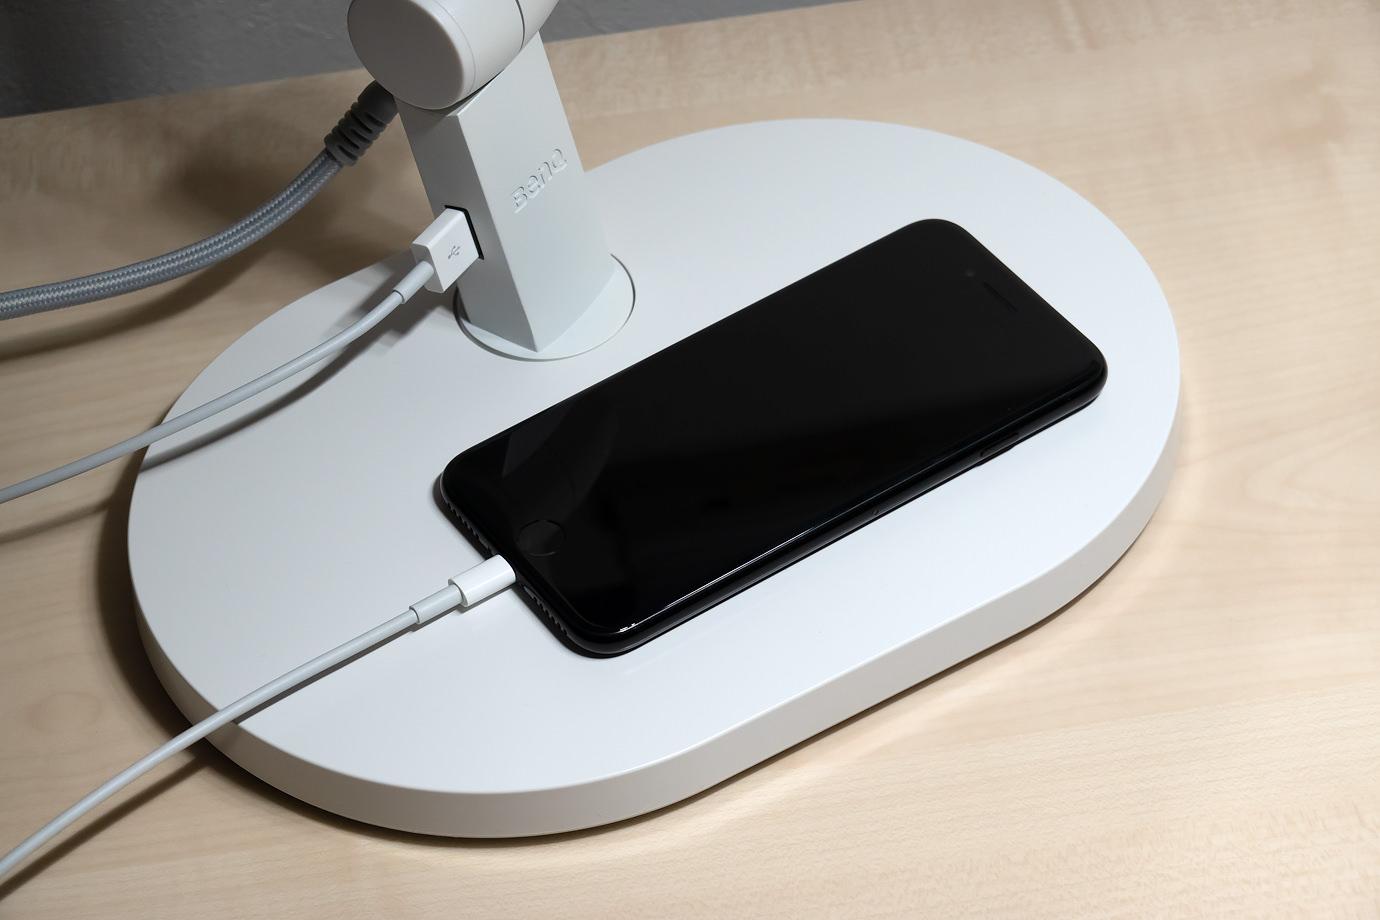 USB Aポートつき